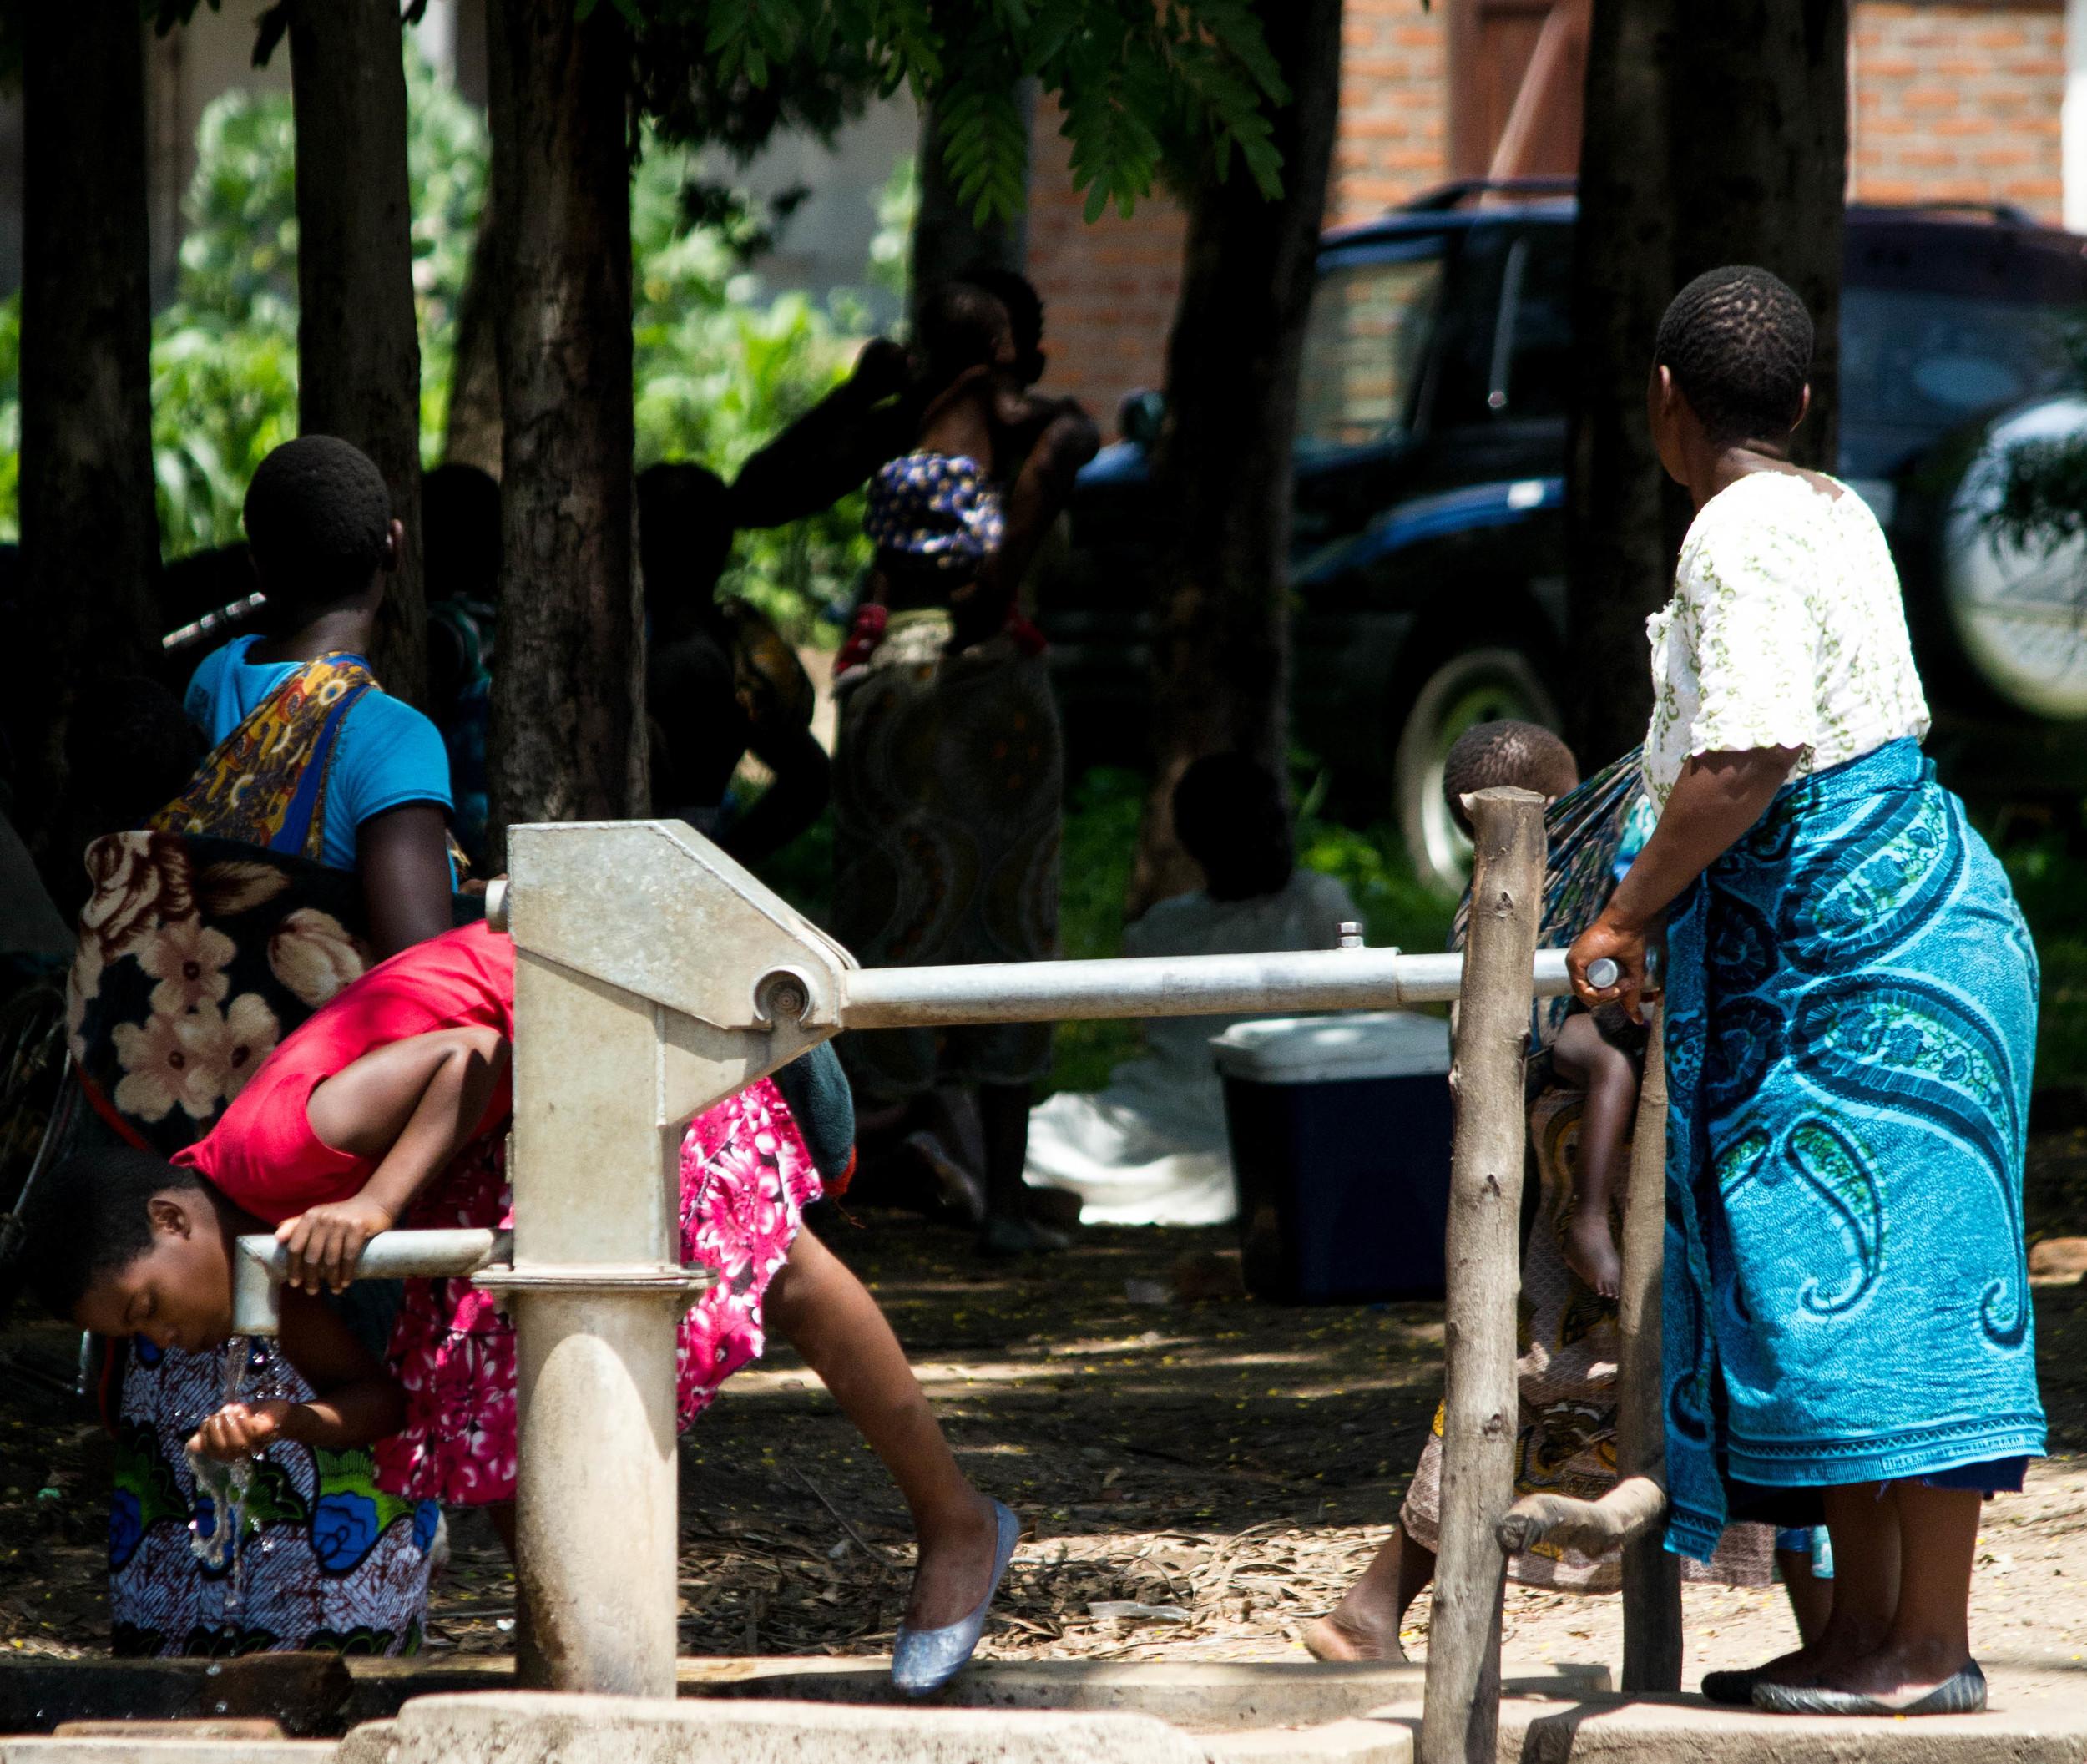 Borehole outside a health center